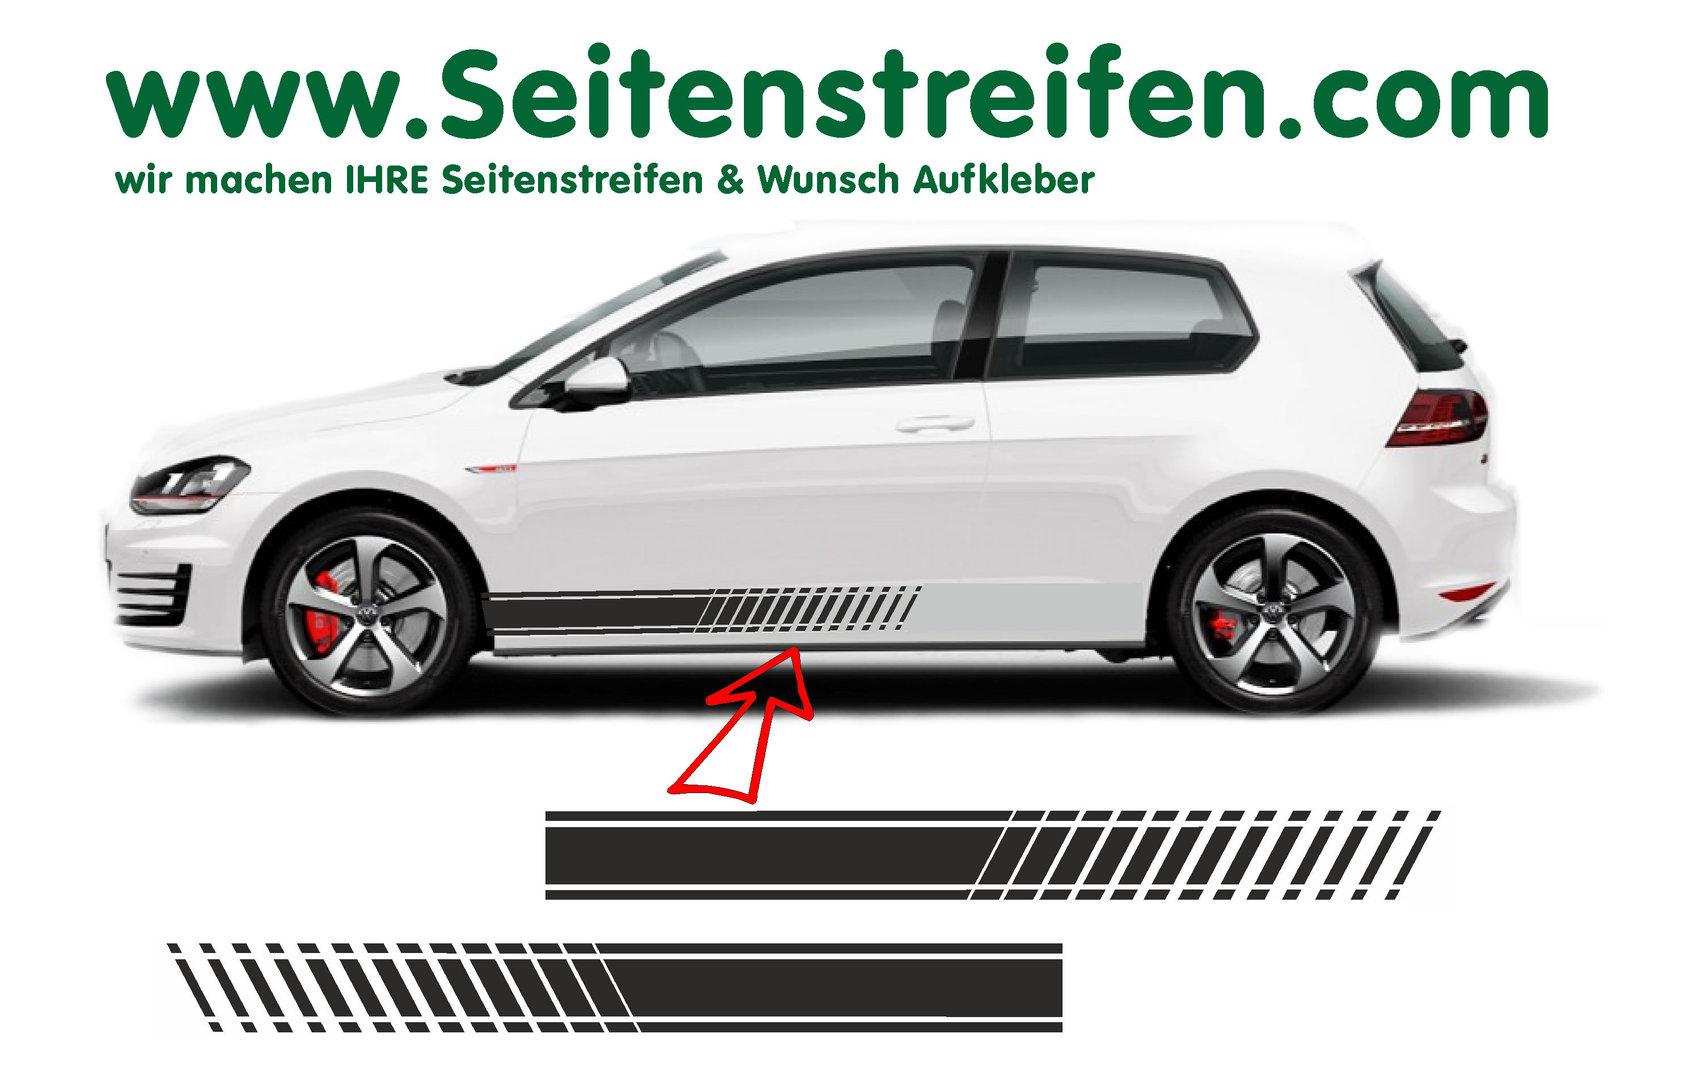 Vw Golf Evo Version N3 Seitenstreifen Aufkleber Set Für 34 Türer Nr 8503